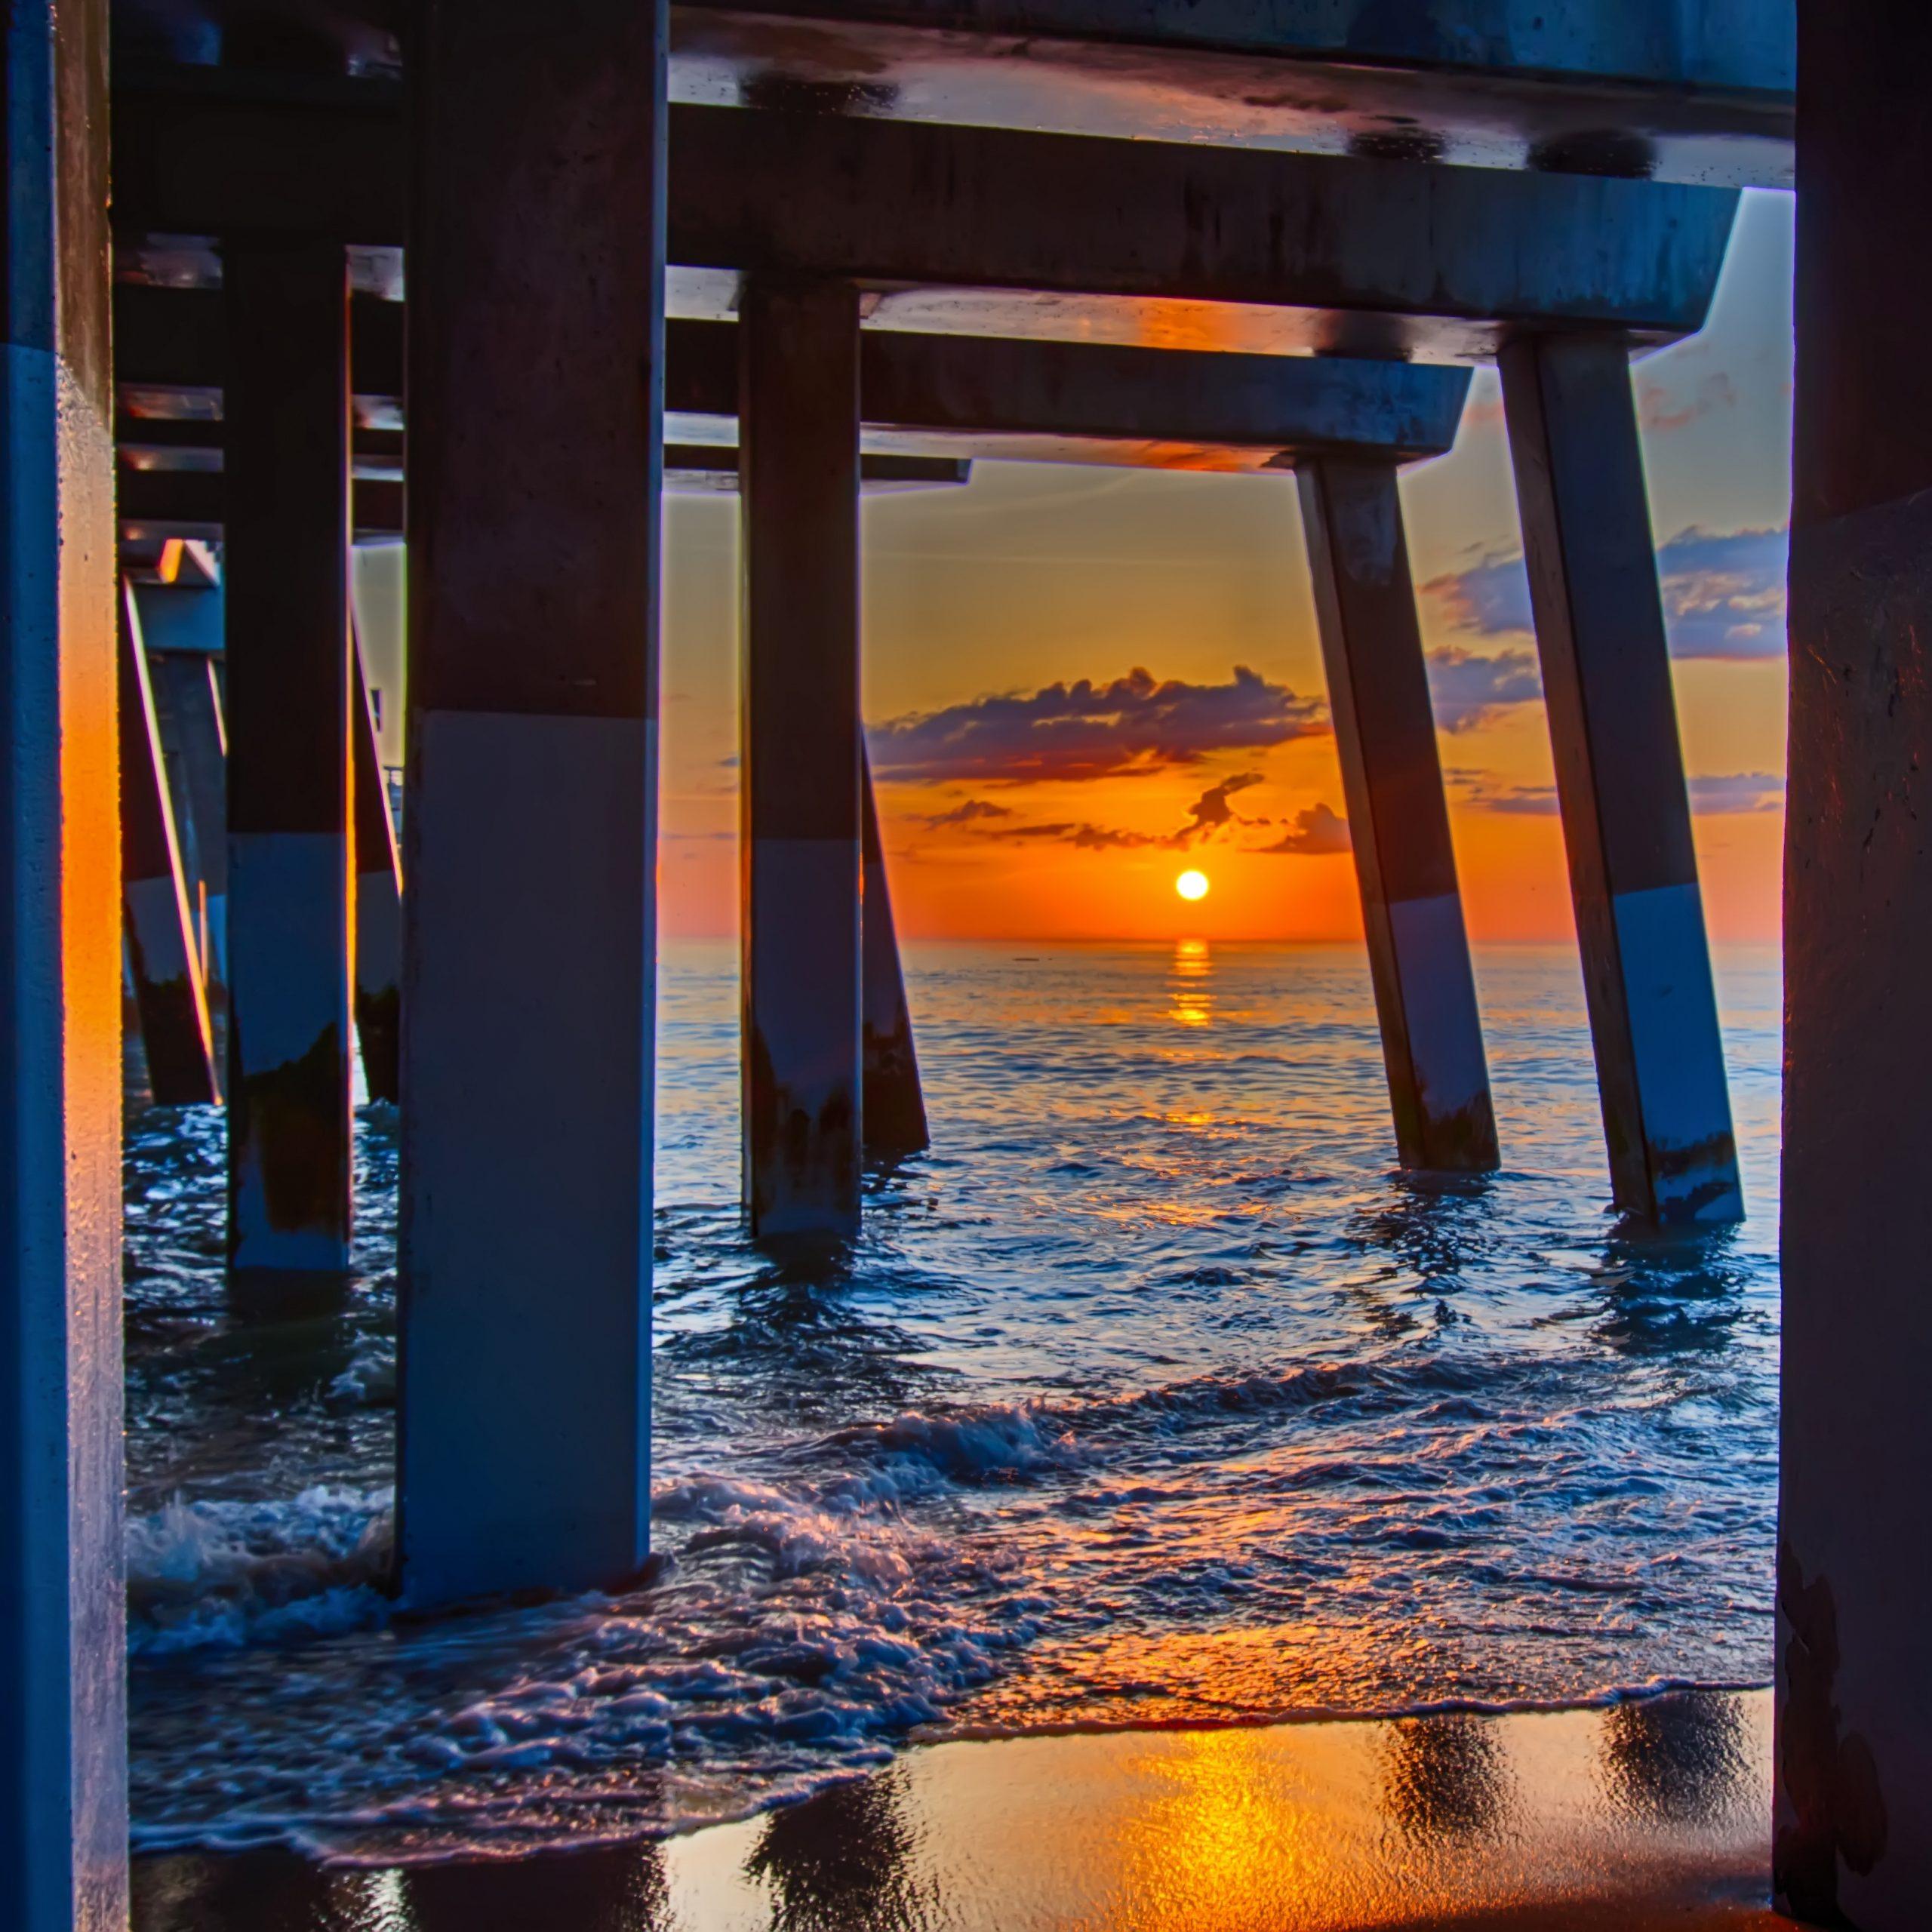 sunset under a pier